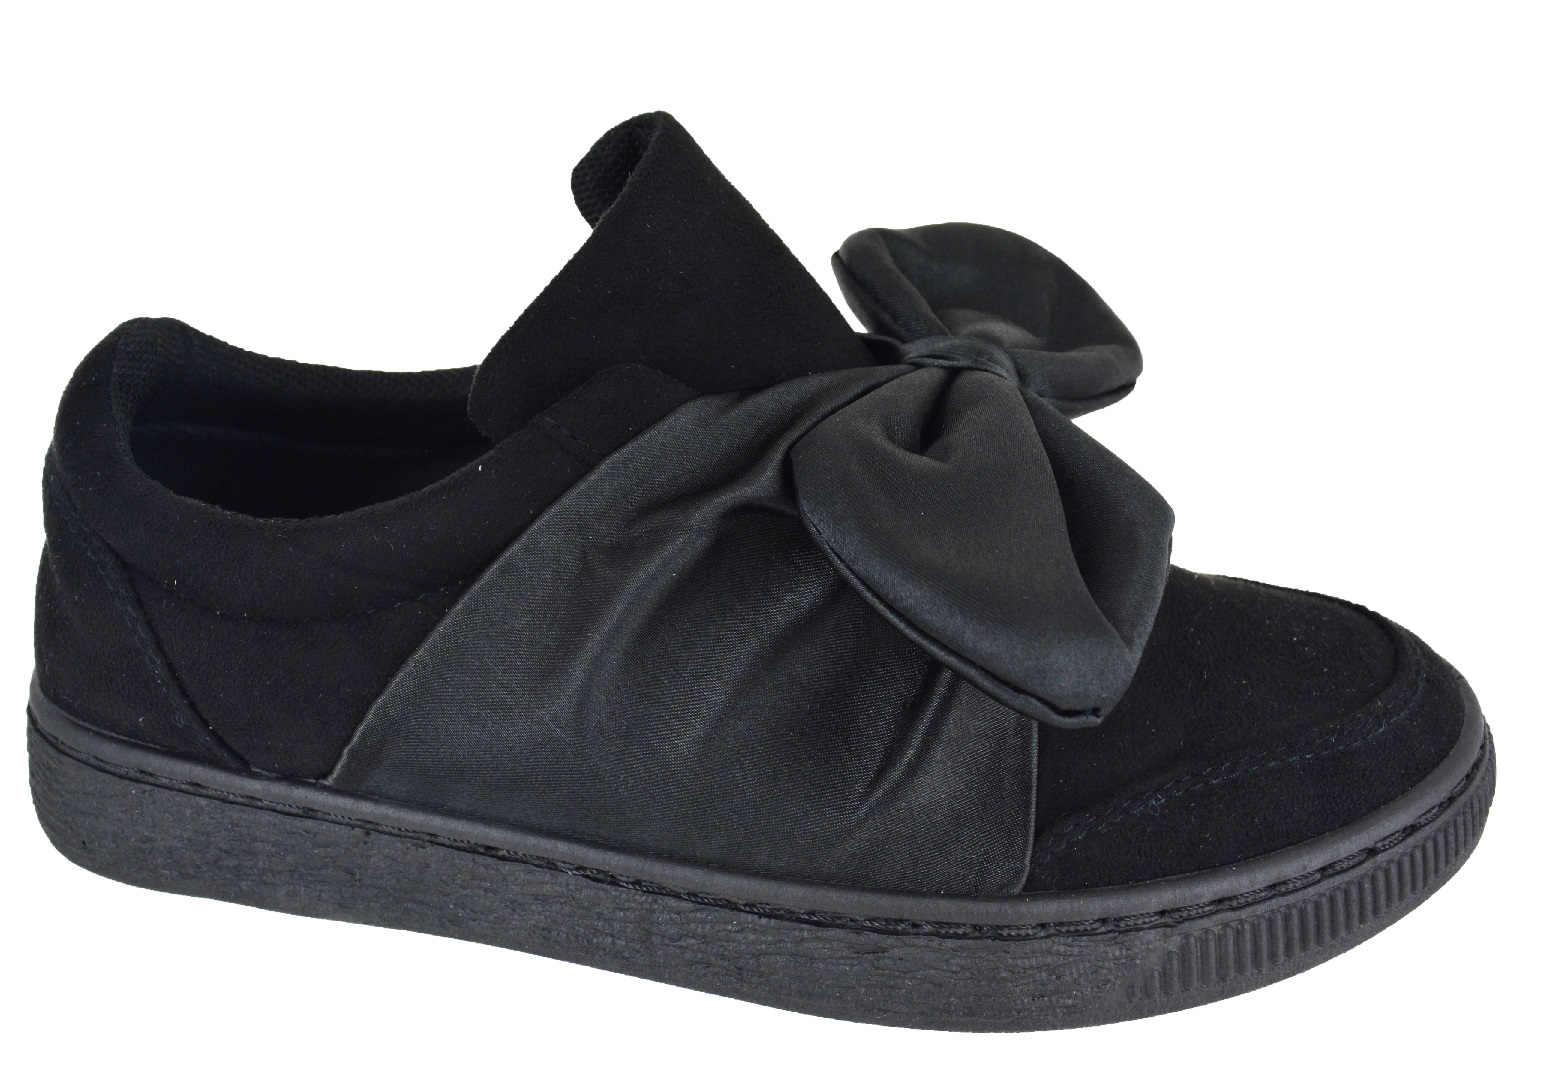 Ebay Designer Shoes Size